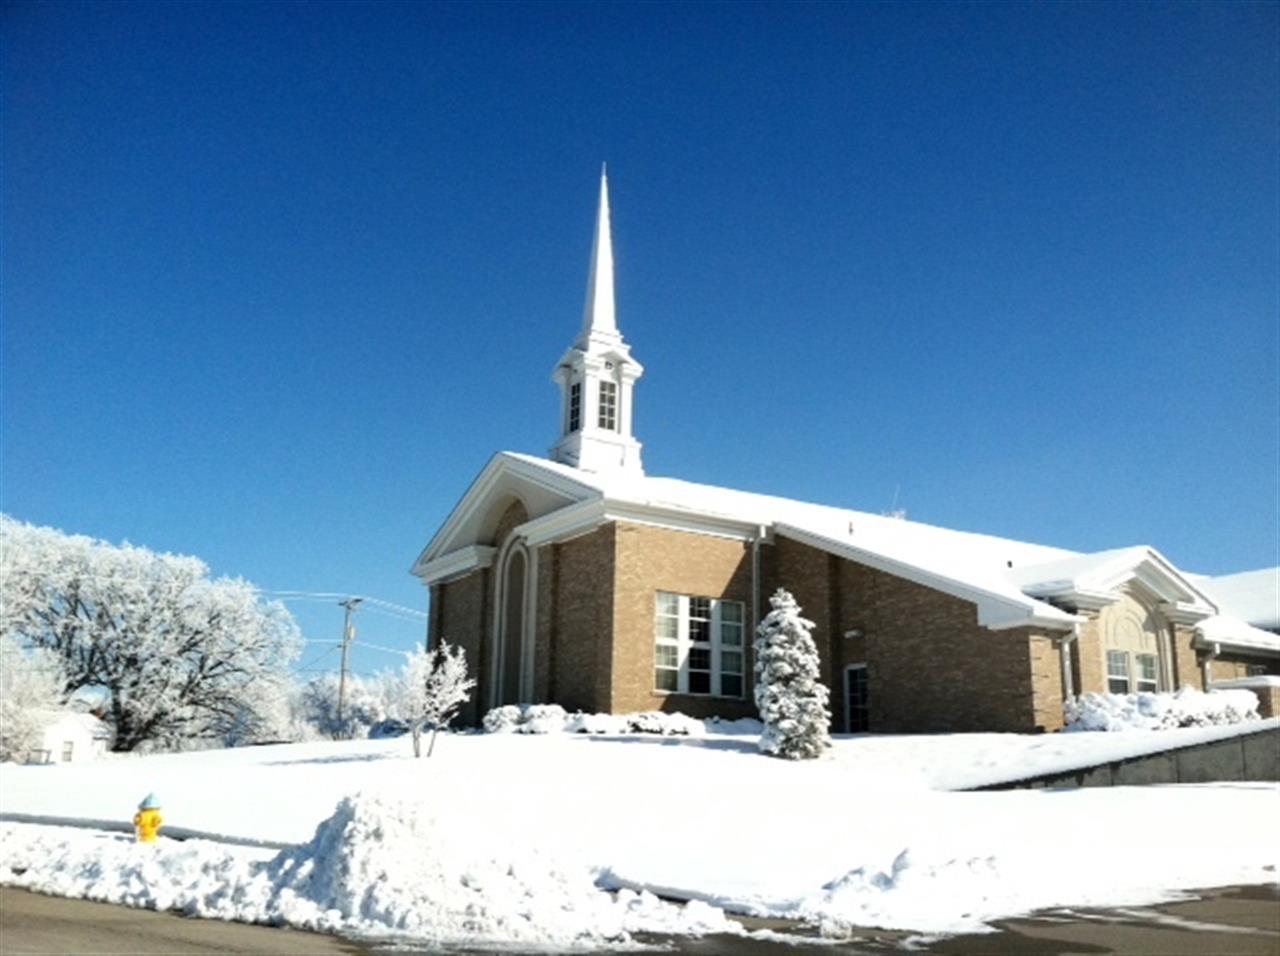 Church Council Bluffs IA